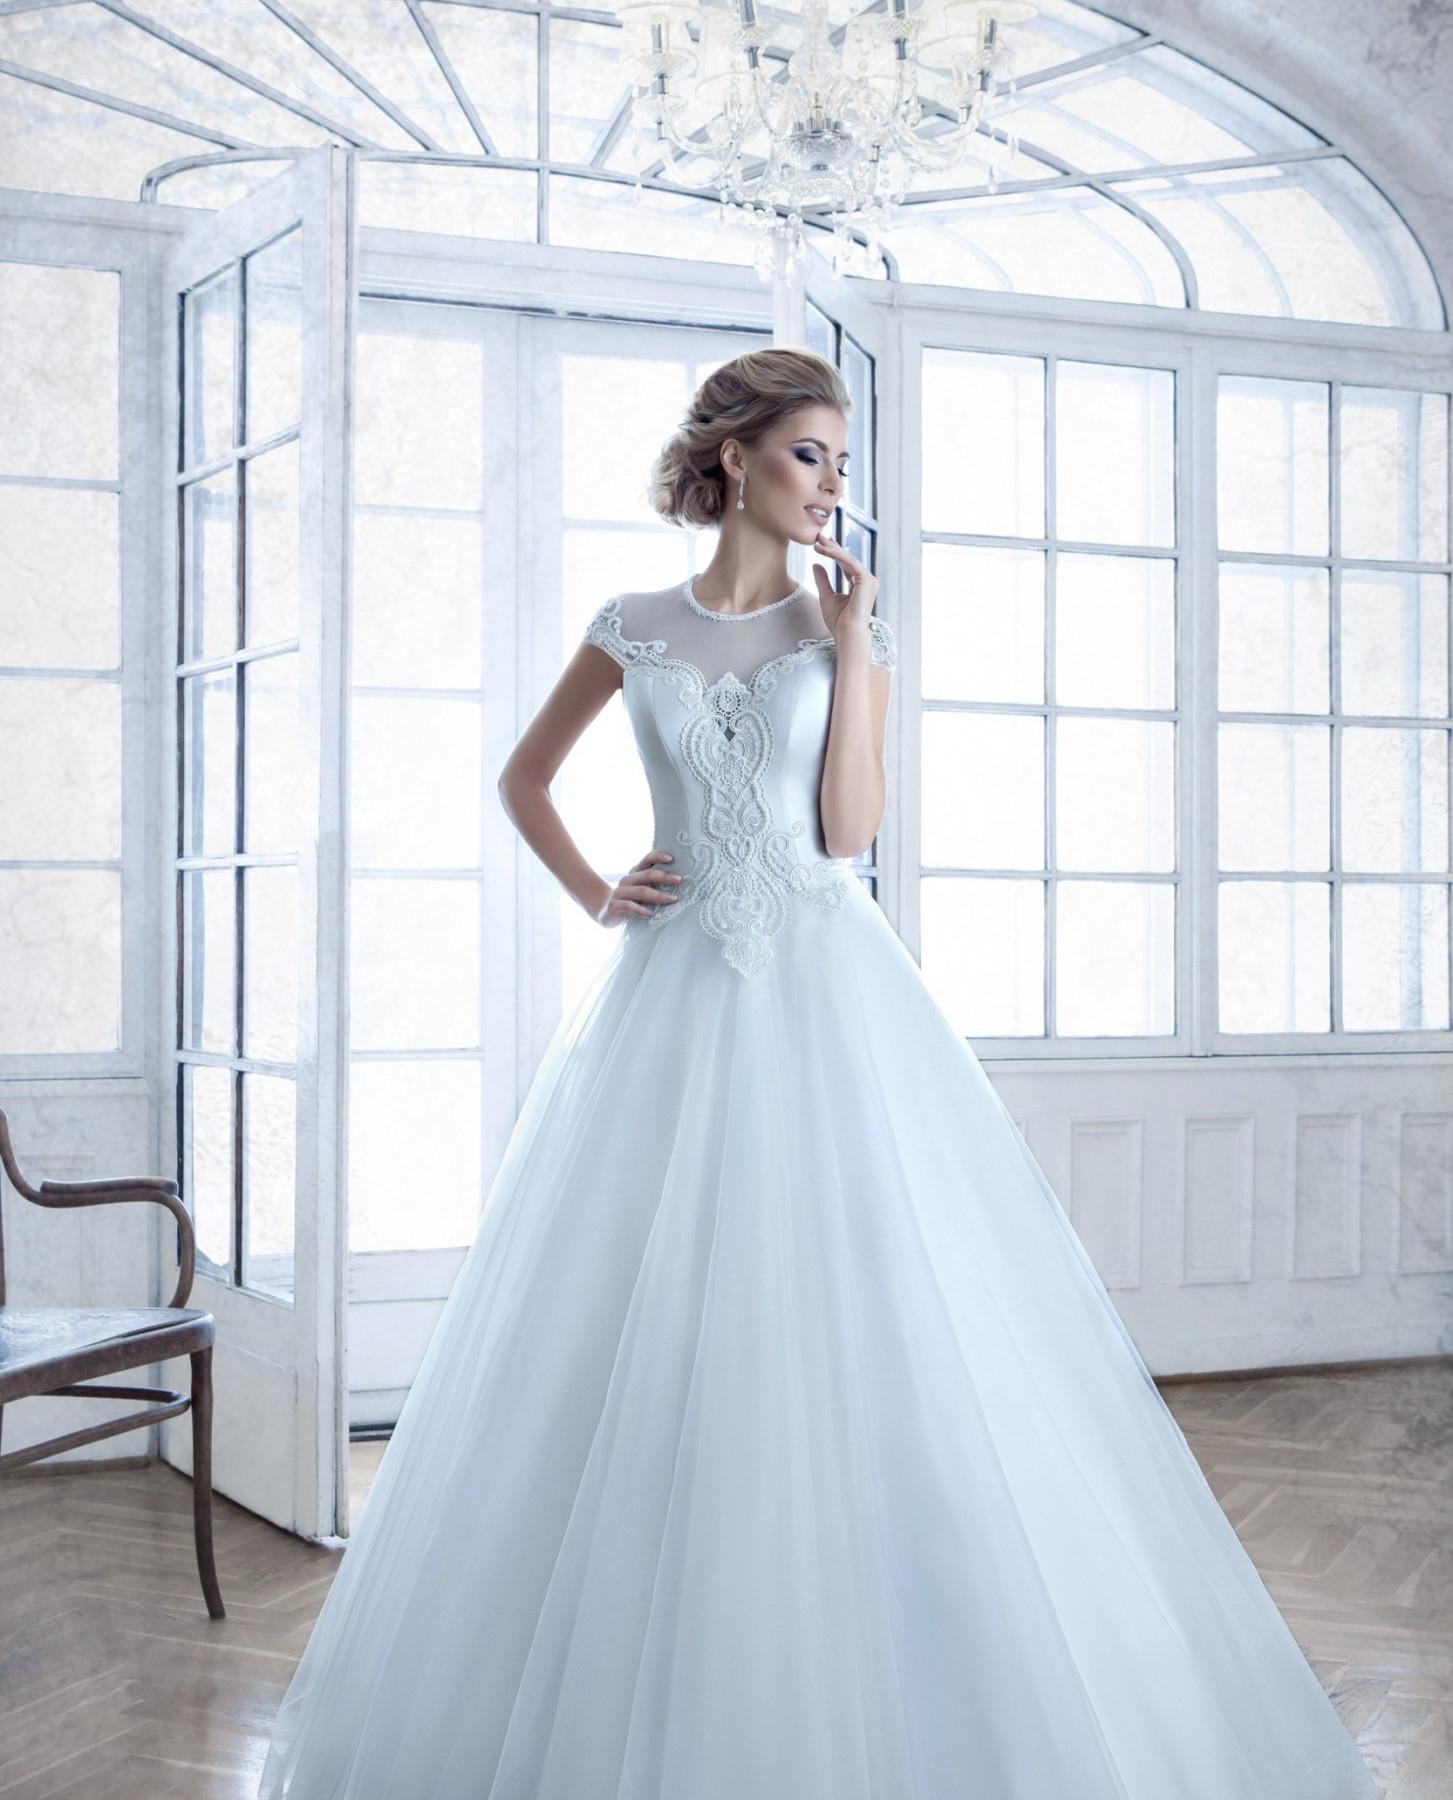 bella-bride-001